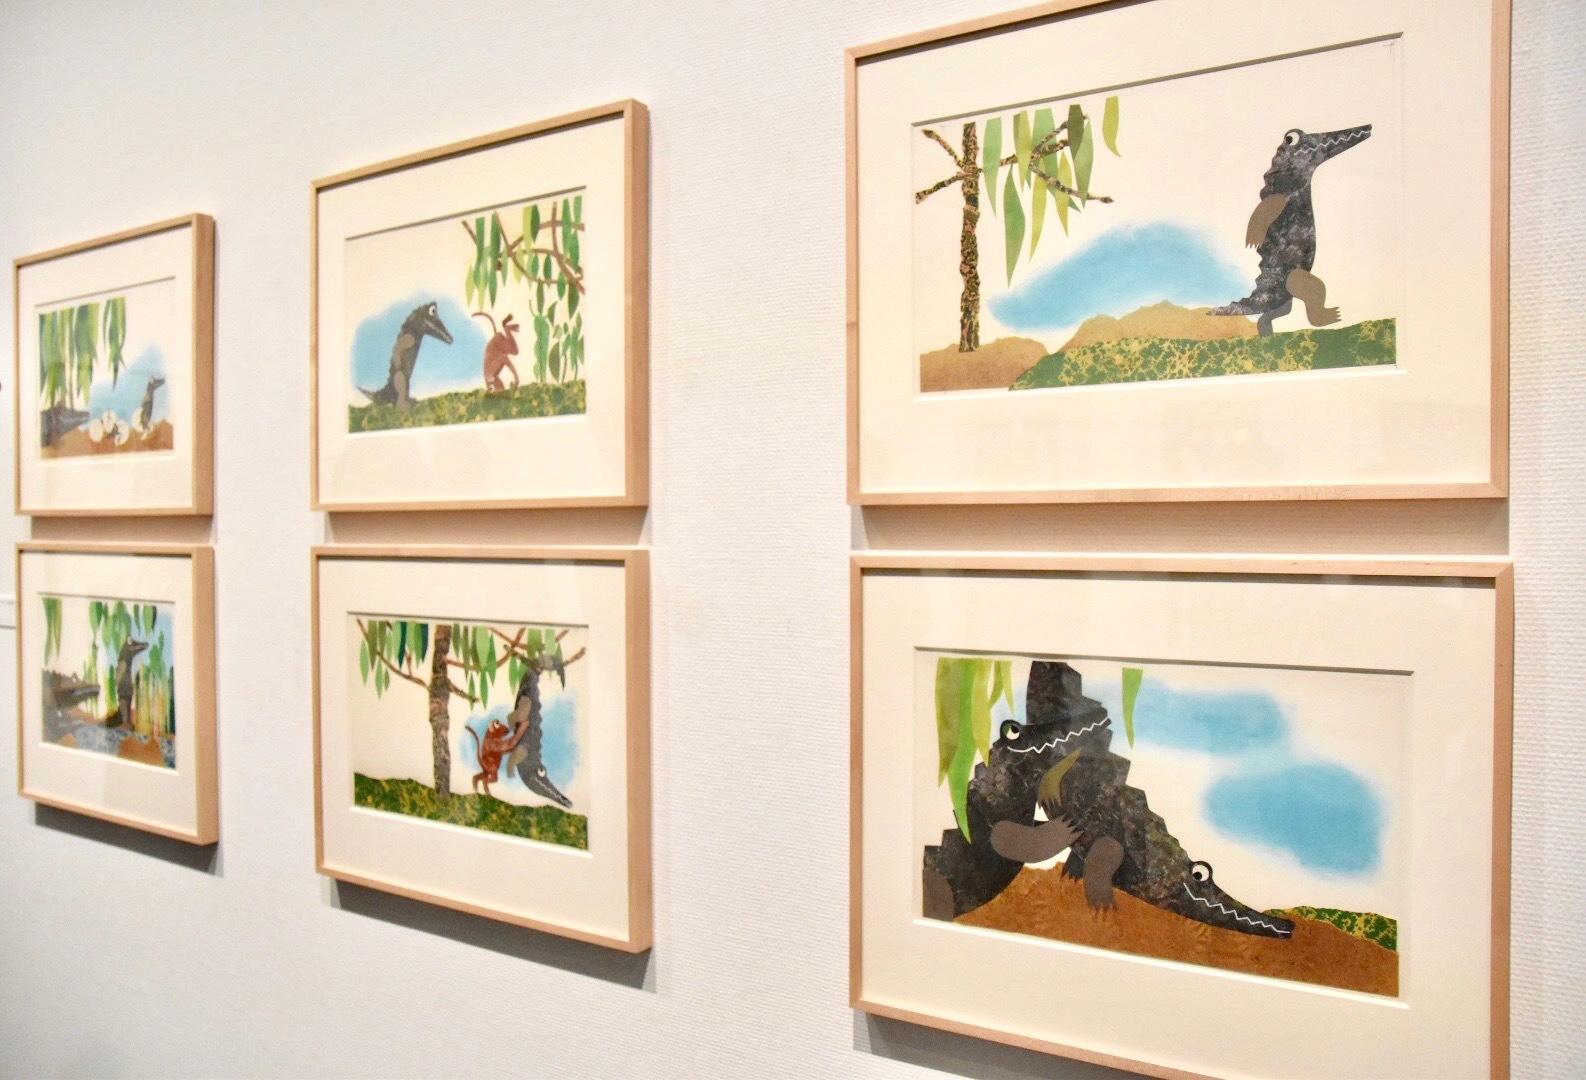 『コーネリアス』原画 1983年 アニー・レオーニ氏所蔵